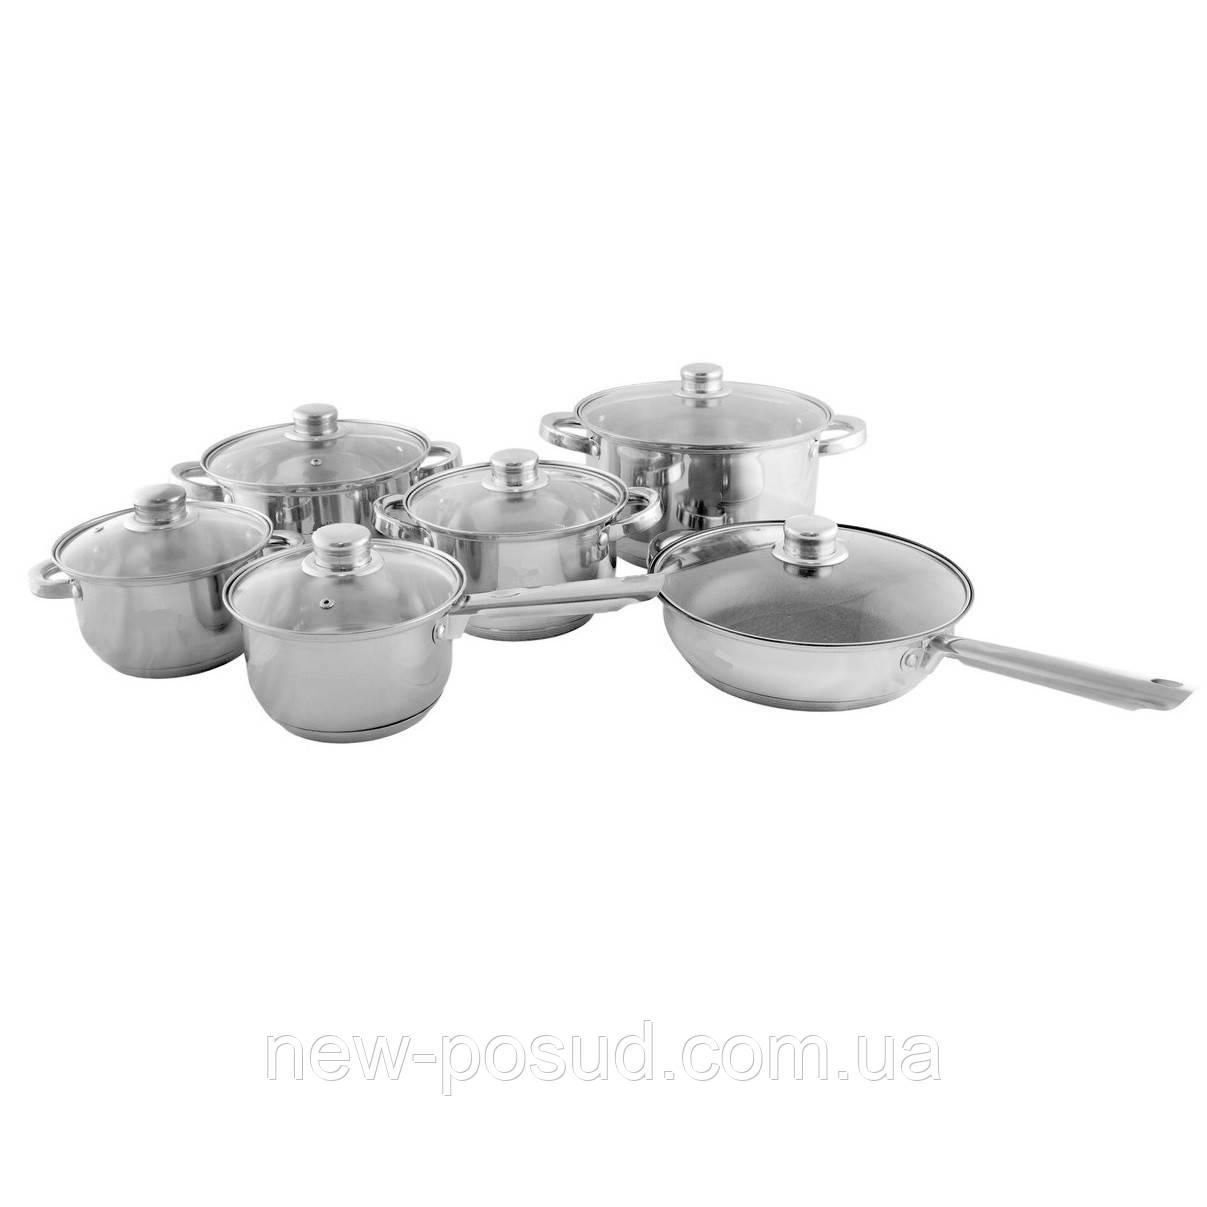 Набір посуду з нержавіючої сталі 12 предметів Edenberg EB-3735